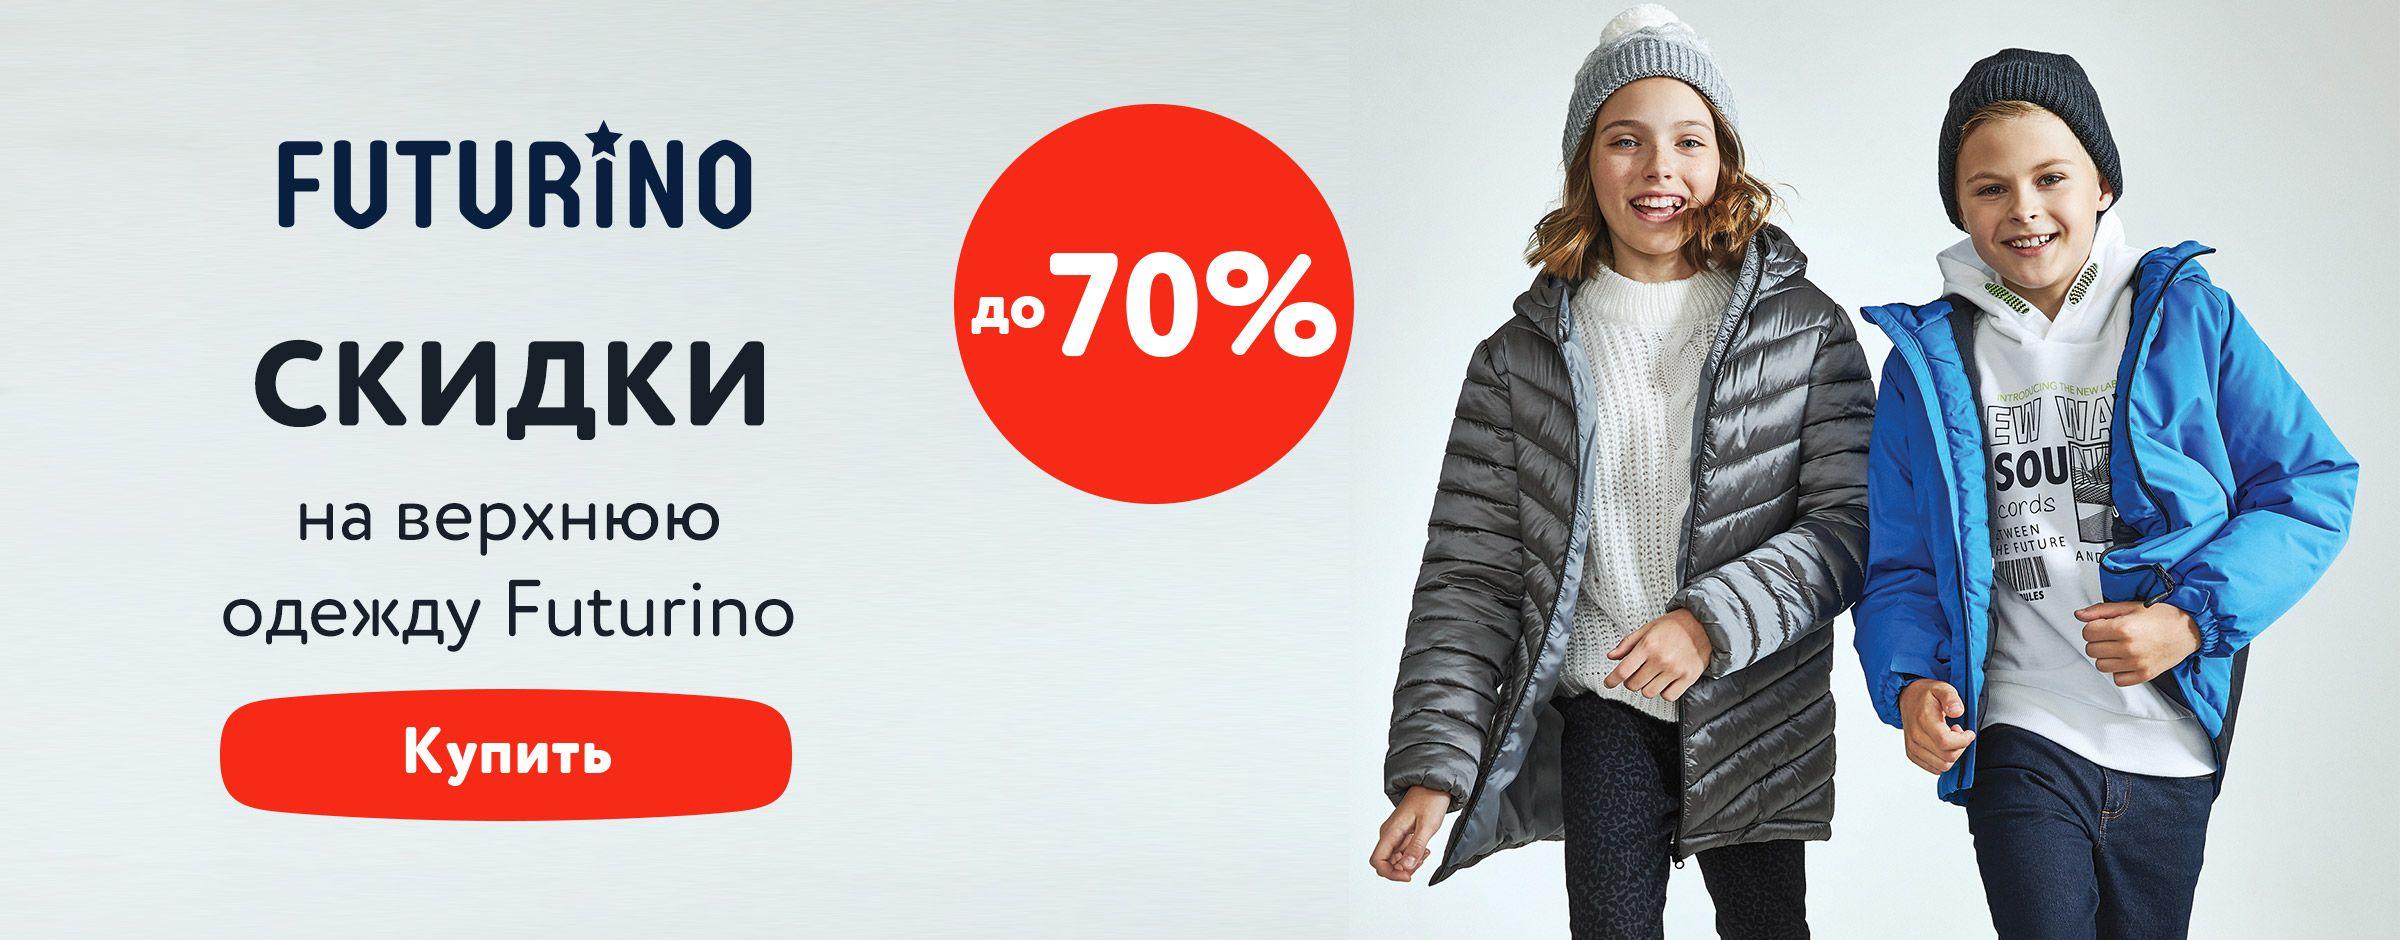 Распродажа верхней одежды Futurino статика